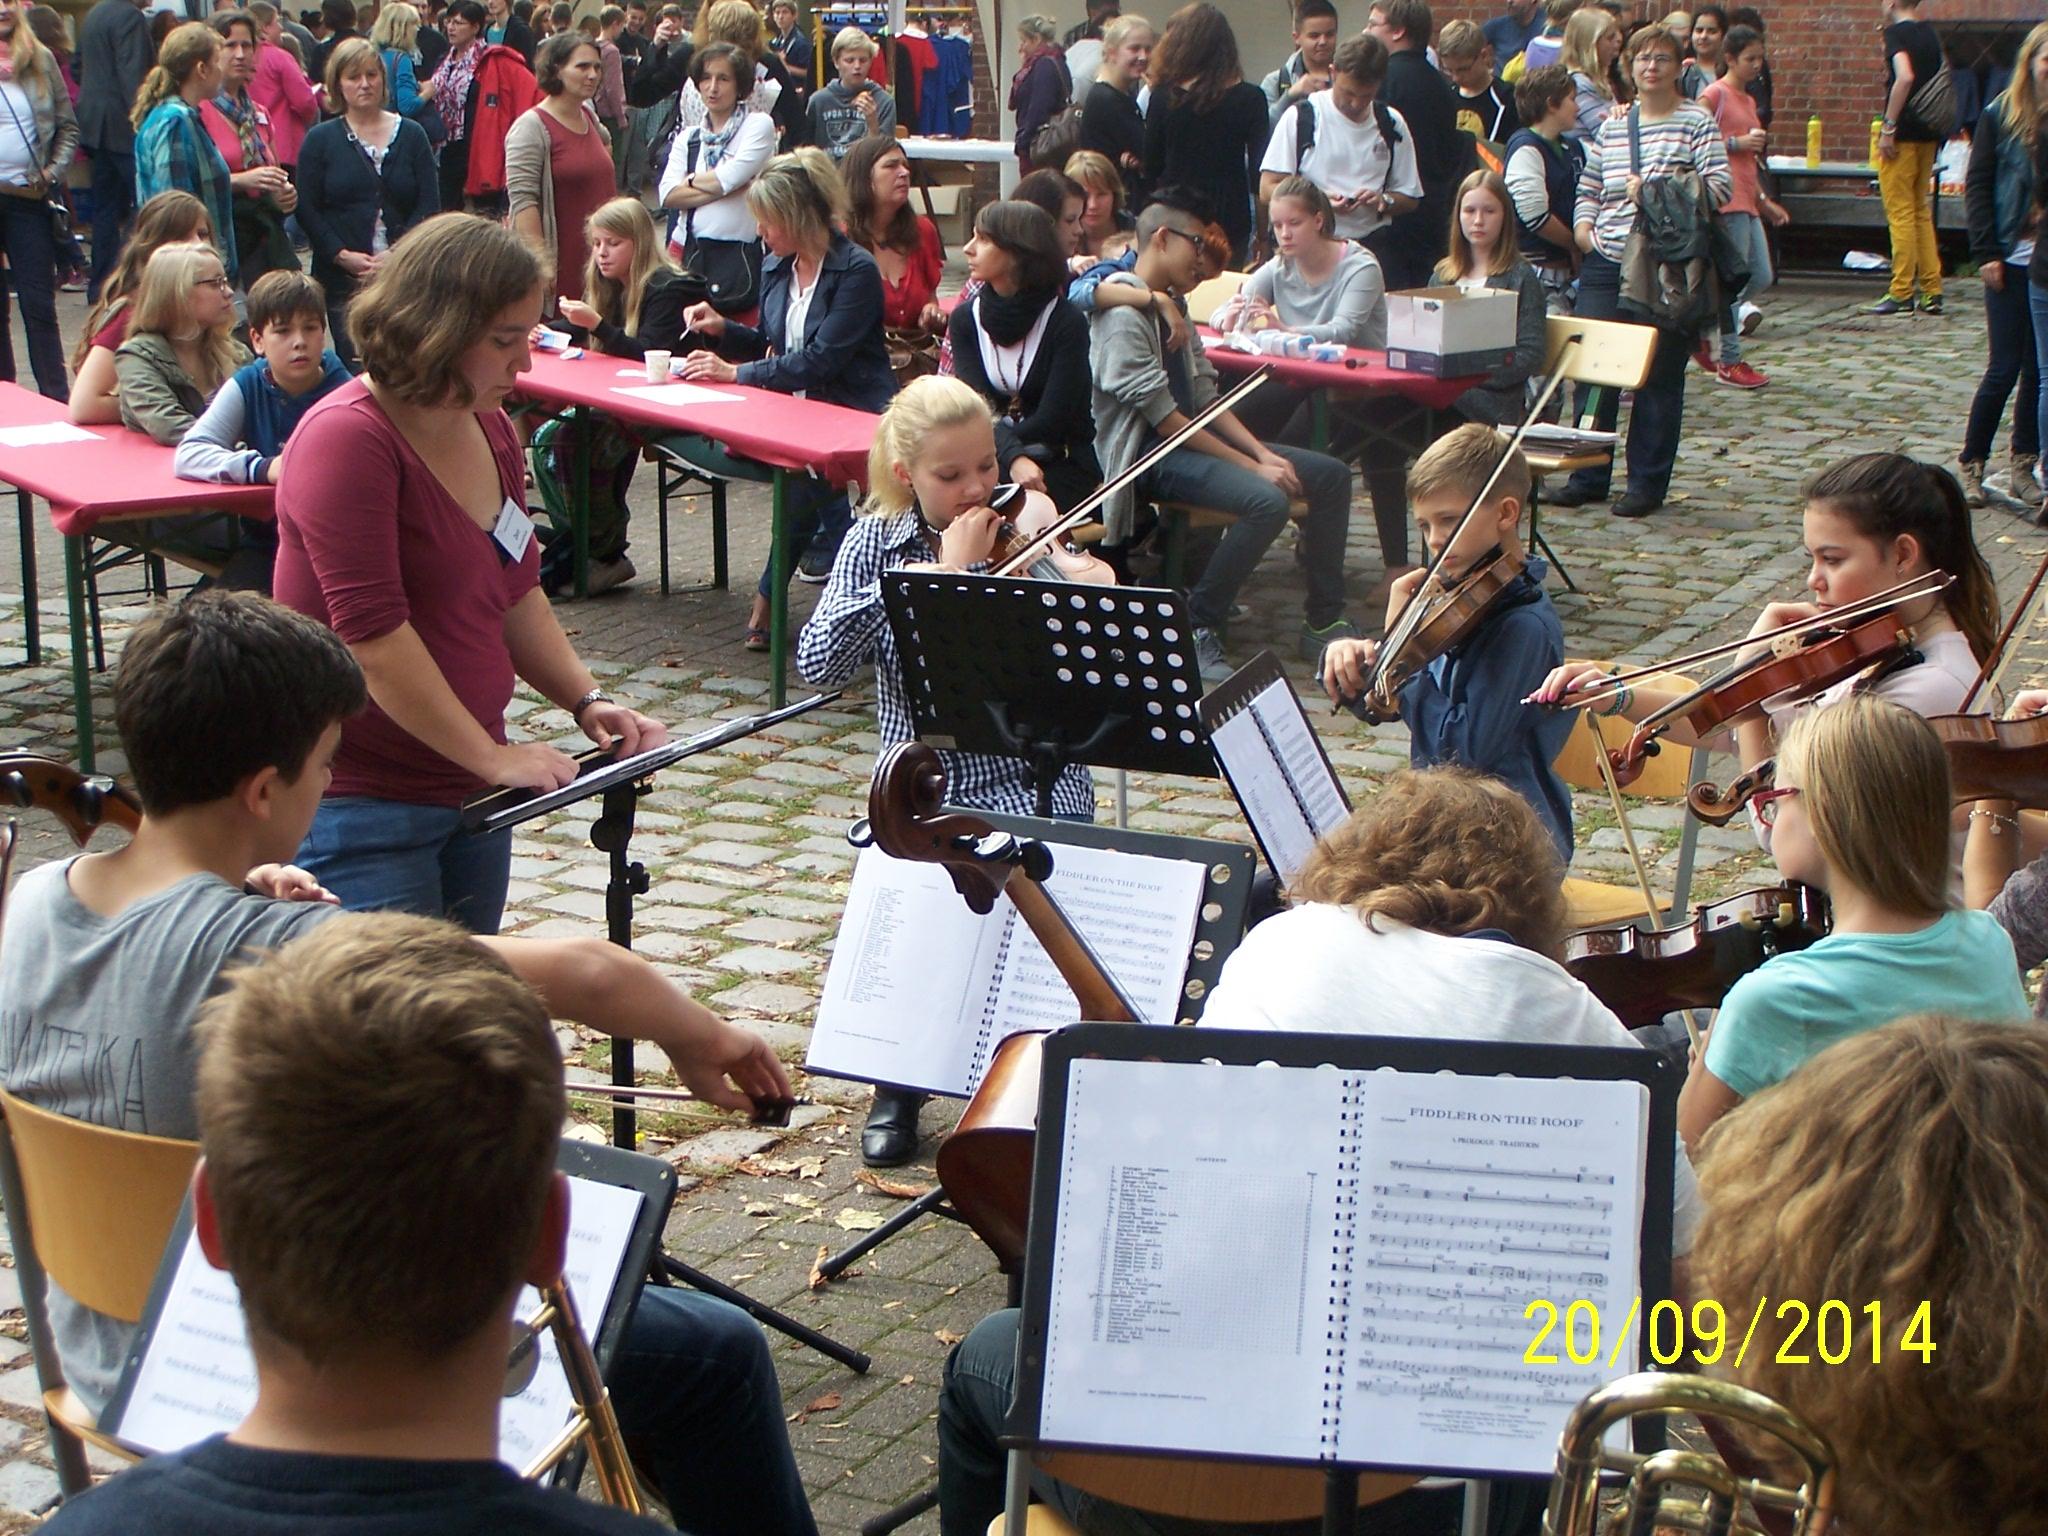 http://www.steingymnasium.de/wp-content/uploads/2014/09/116_0569.jpg